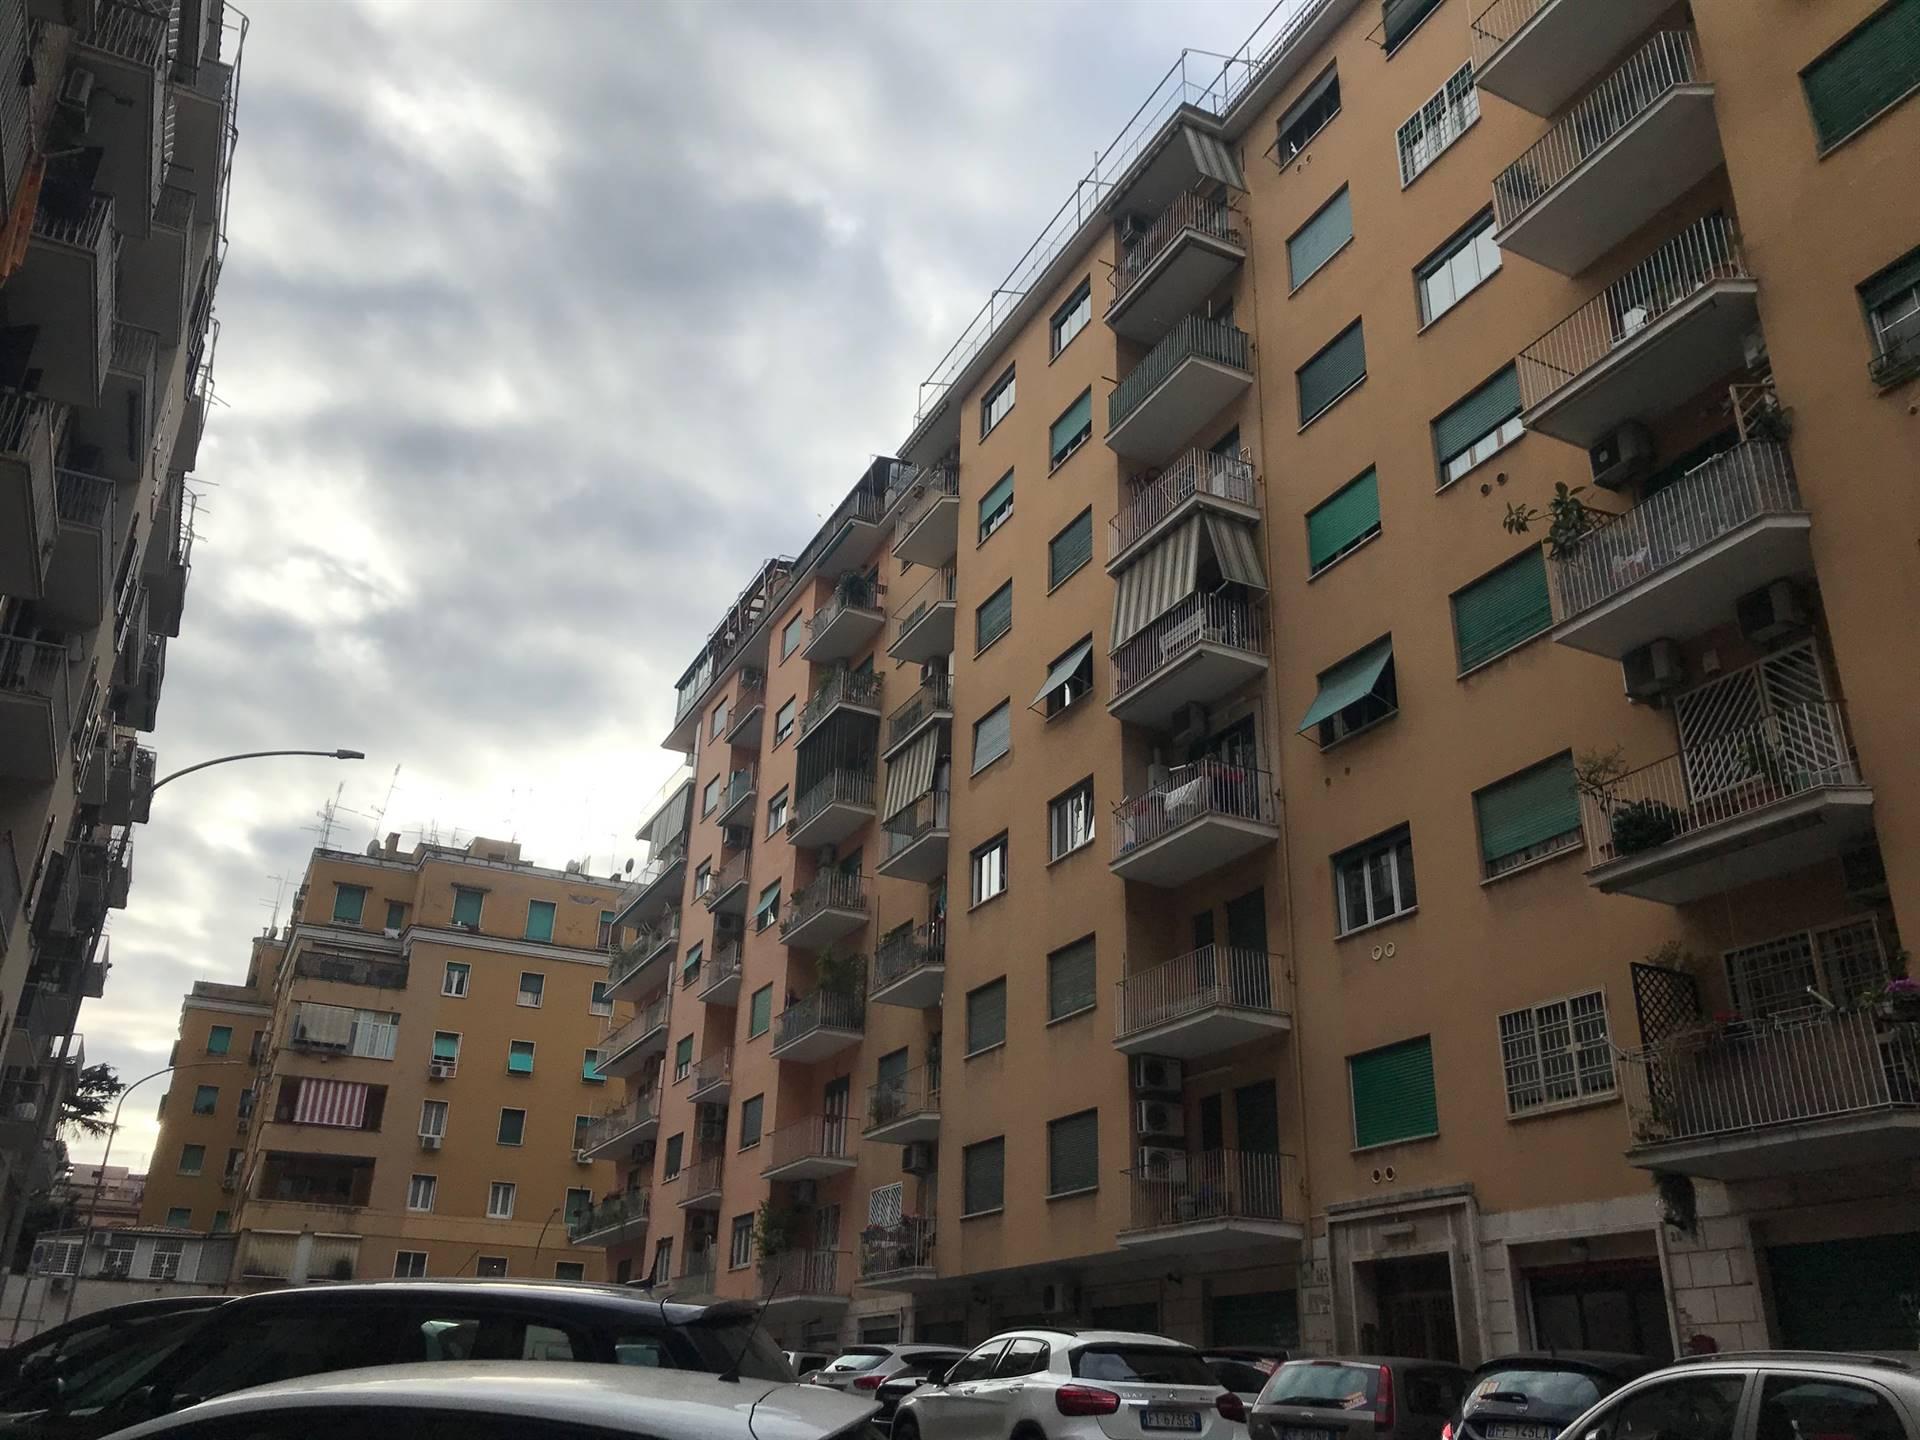 ALBERONE/FURIO CAMILLO si propone in affitto appartamento posto al sesto piano composto da: ingresso, cucina abitabile, ampio ripostiglio, camera da letto e bagno. L'immobile è completamente arredato,